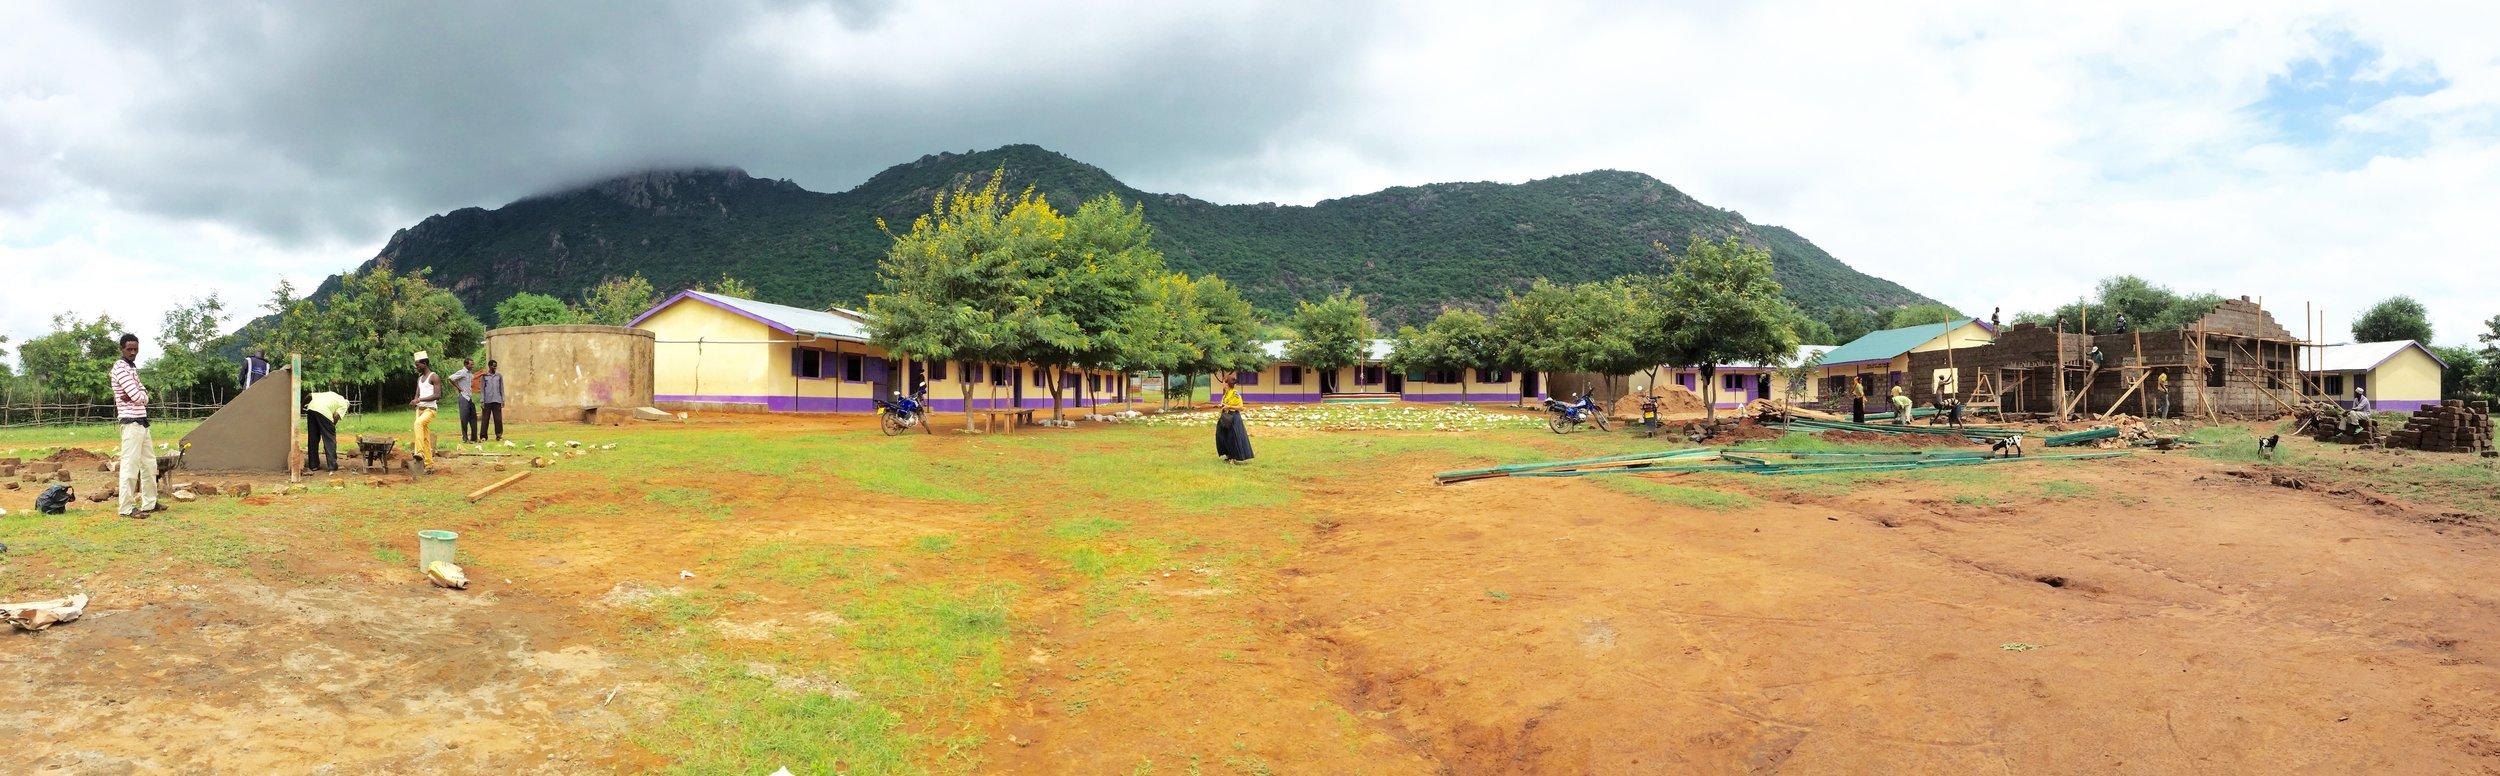 KenyaTumainiGrounds.jpg